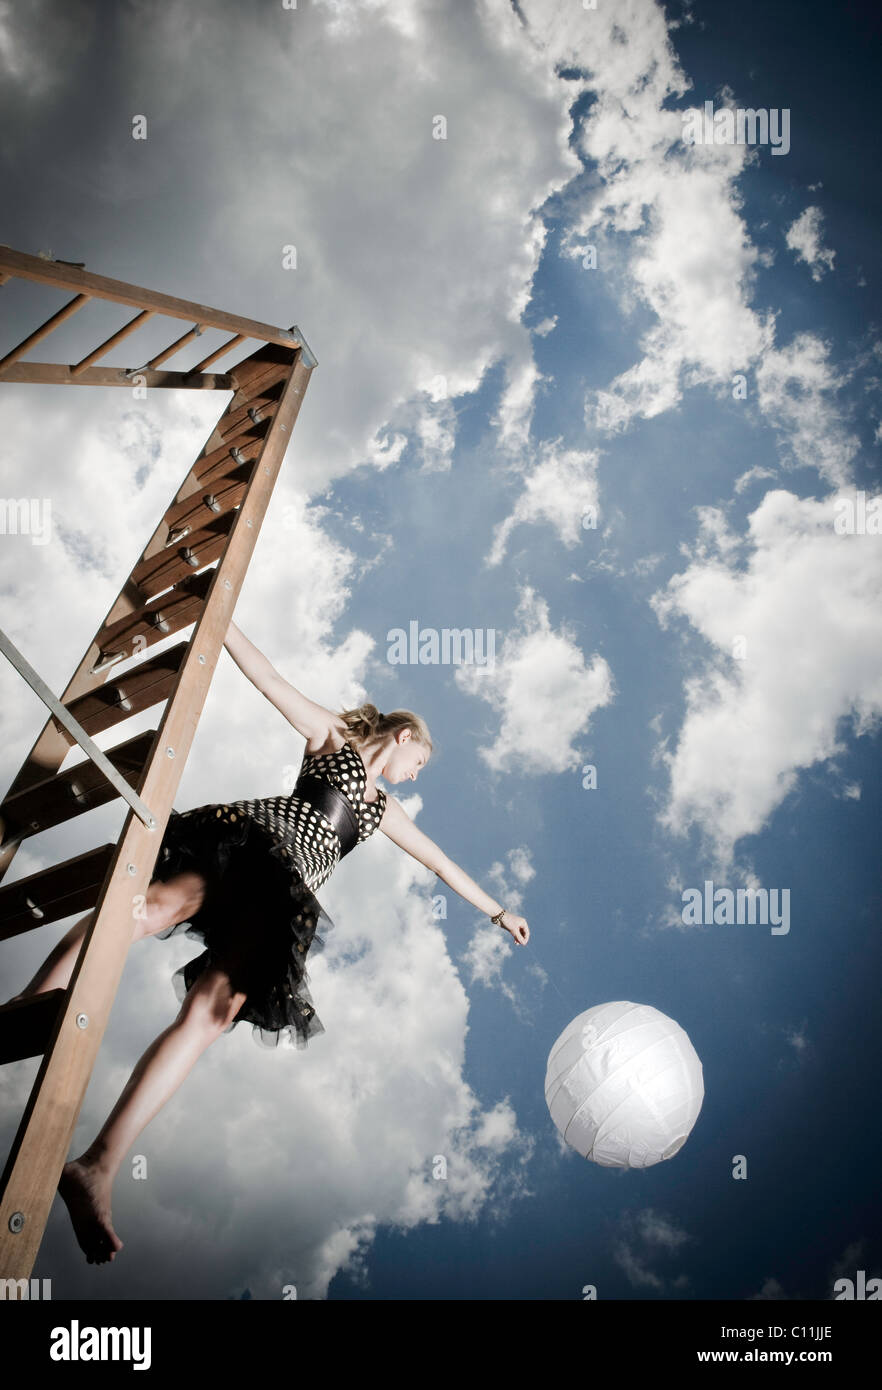 Une jeune fille portant un noir et blanc polka dotted dress se dresse sur une échelle tout en tenant une boule Photo Stock